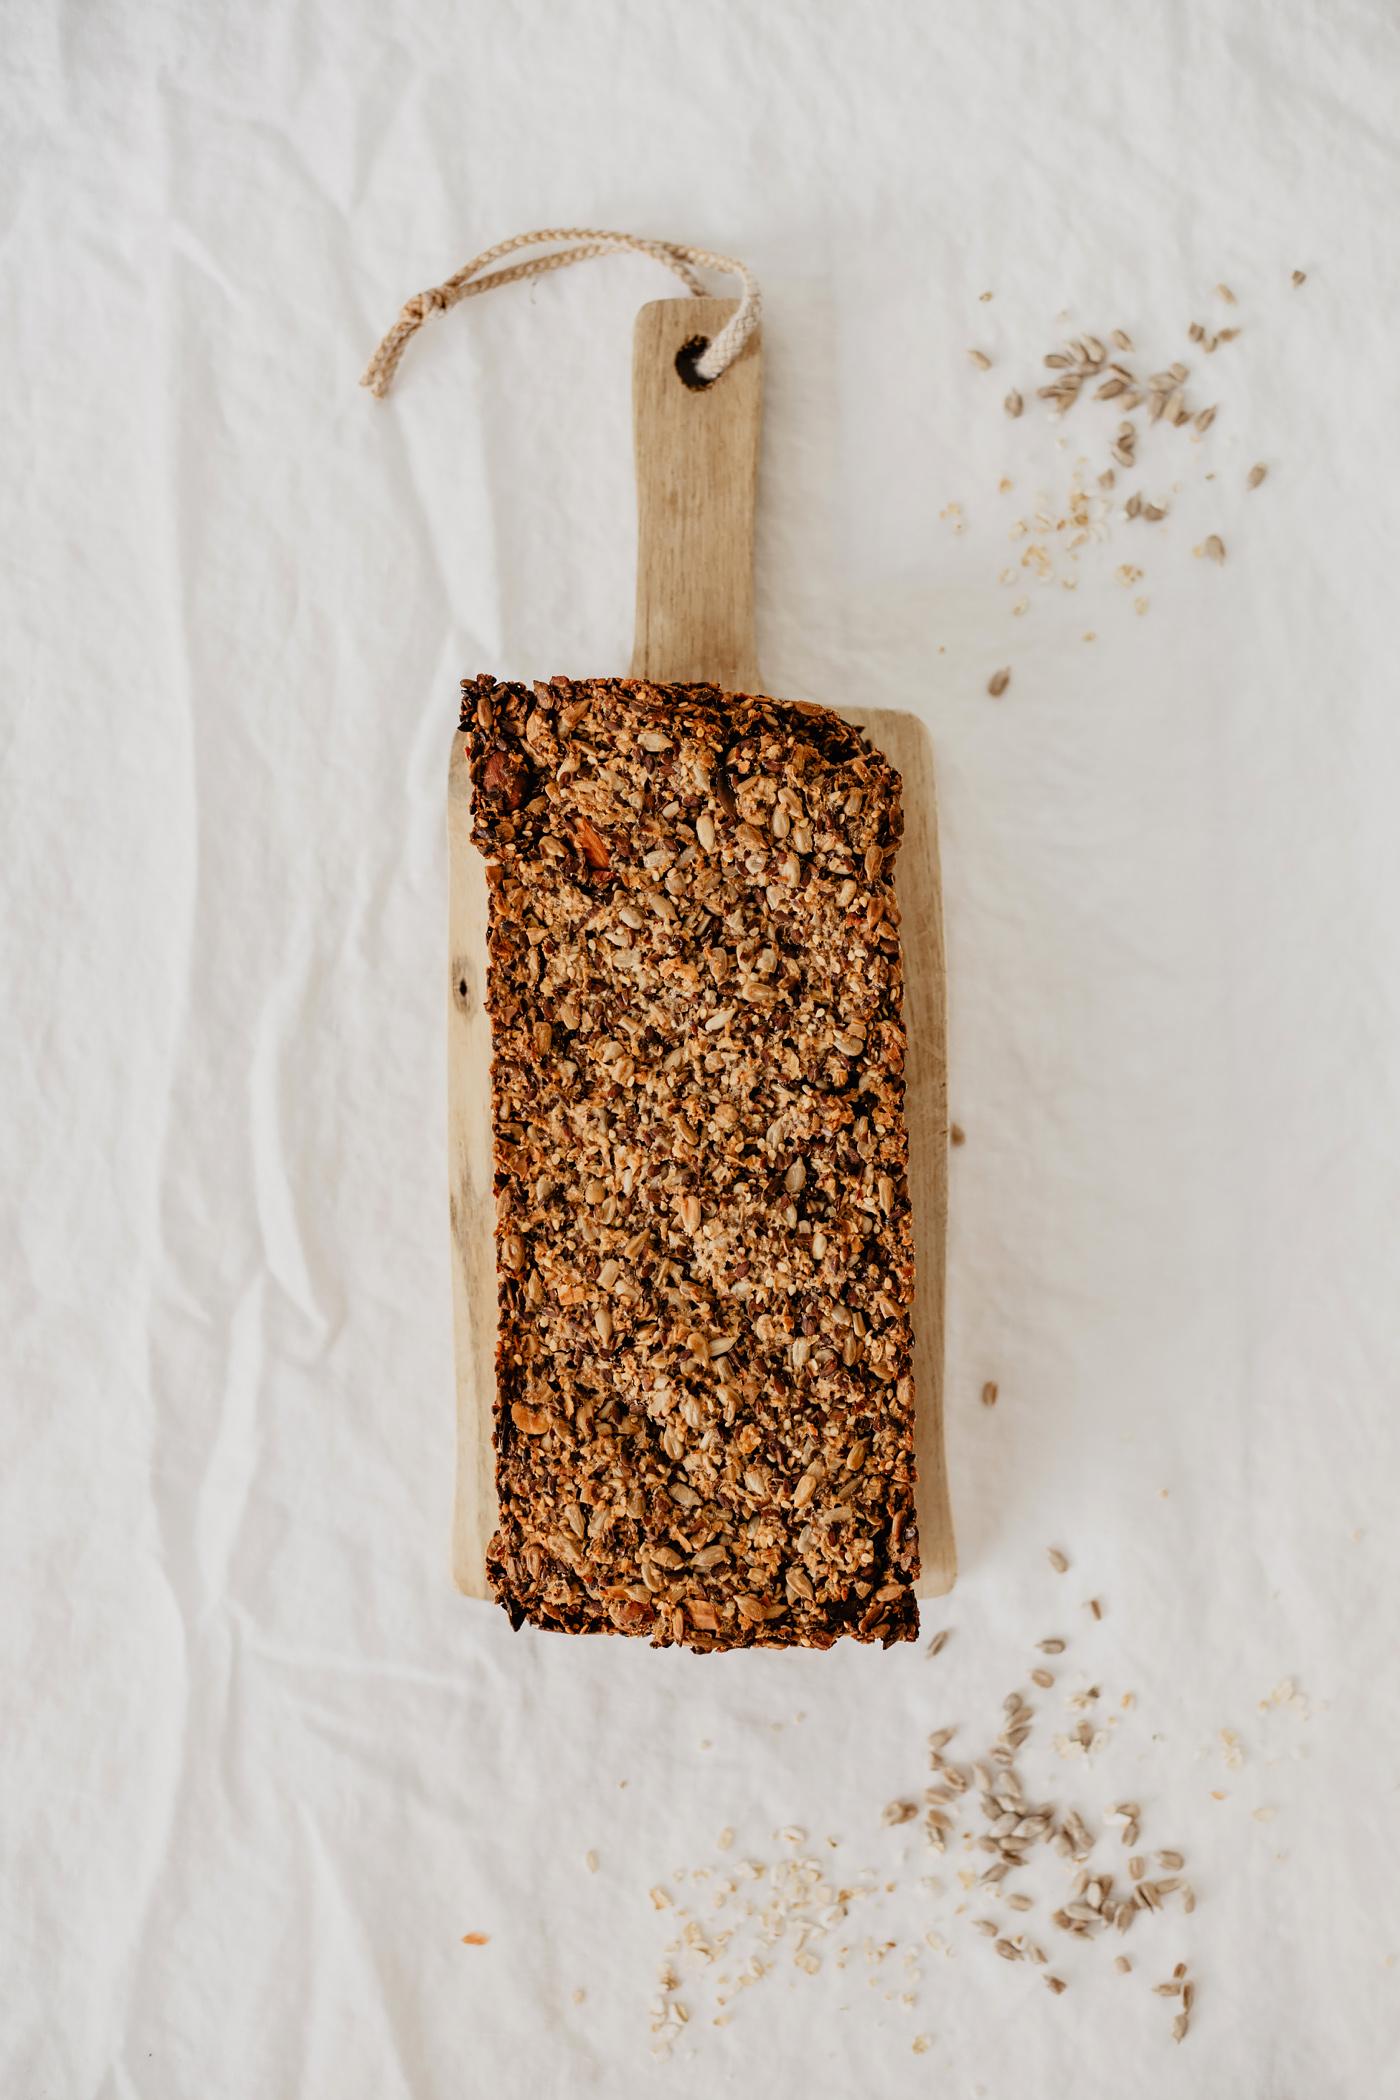 glutenfrei vegan brot körnerbrot selber machen gesund rezept